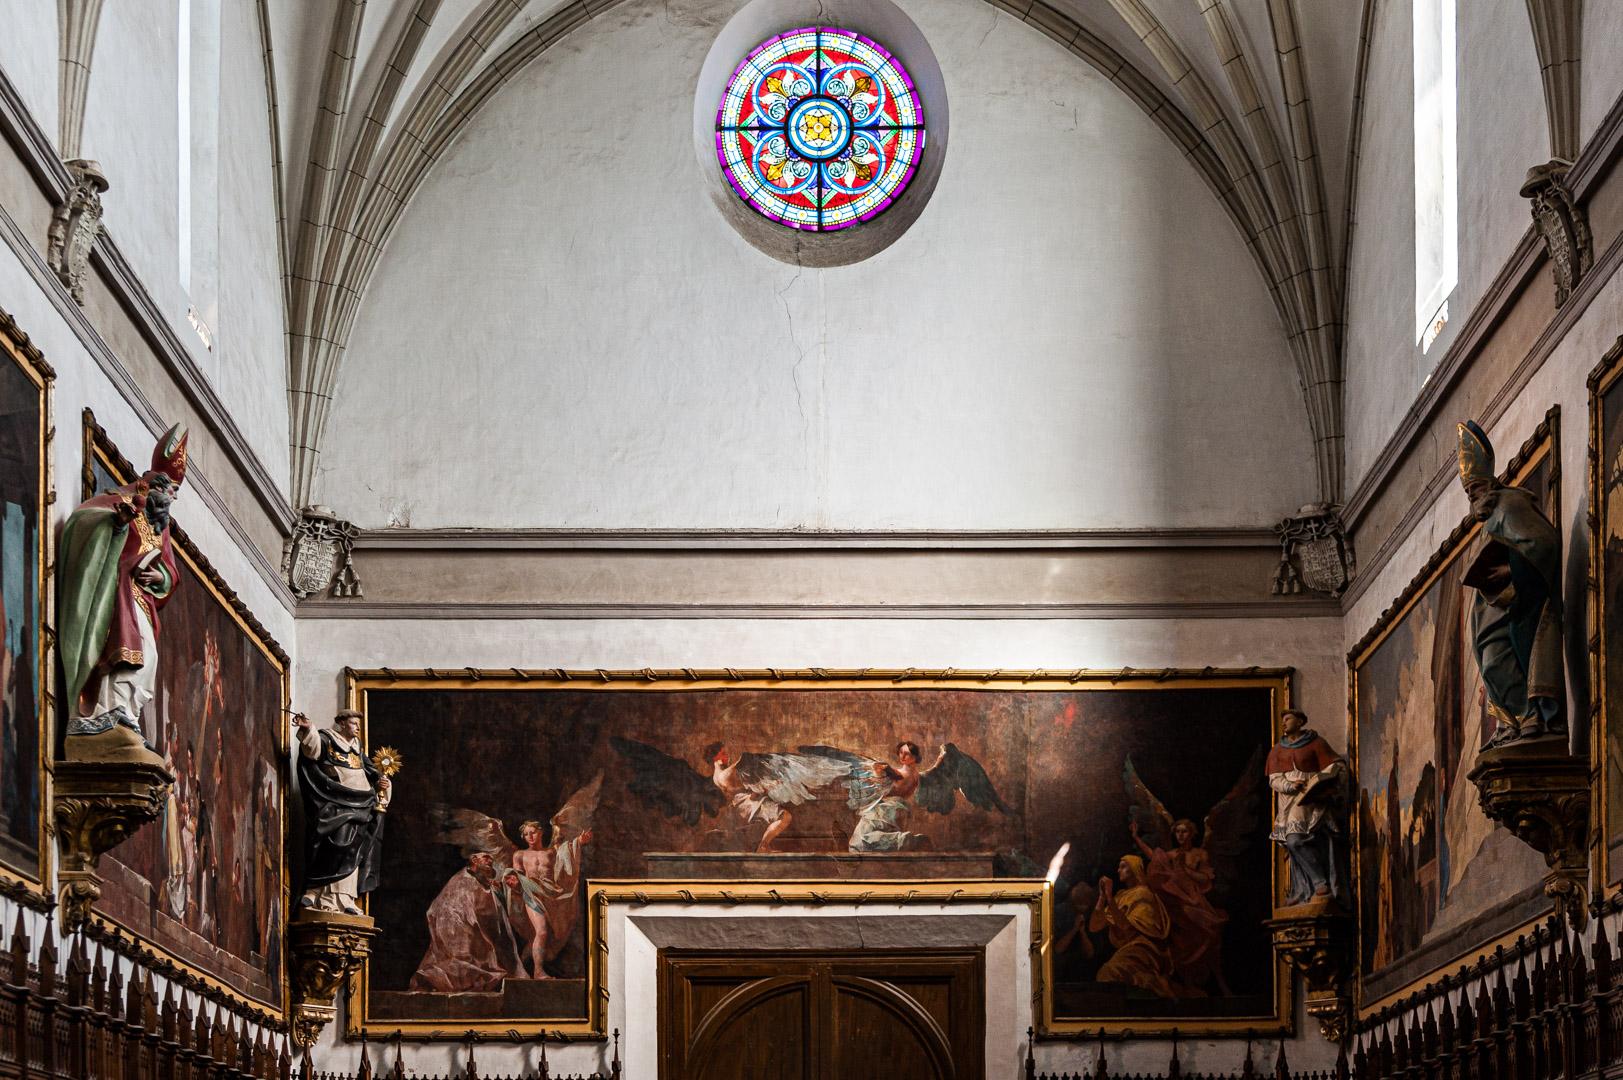 Pórtico de San Joaquín y Santa Ana (305 x 845 cm)